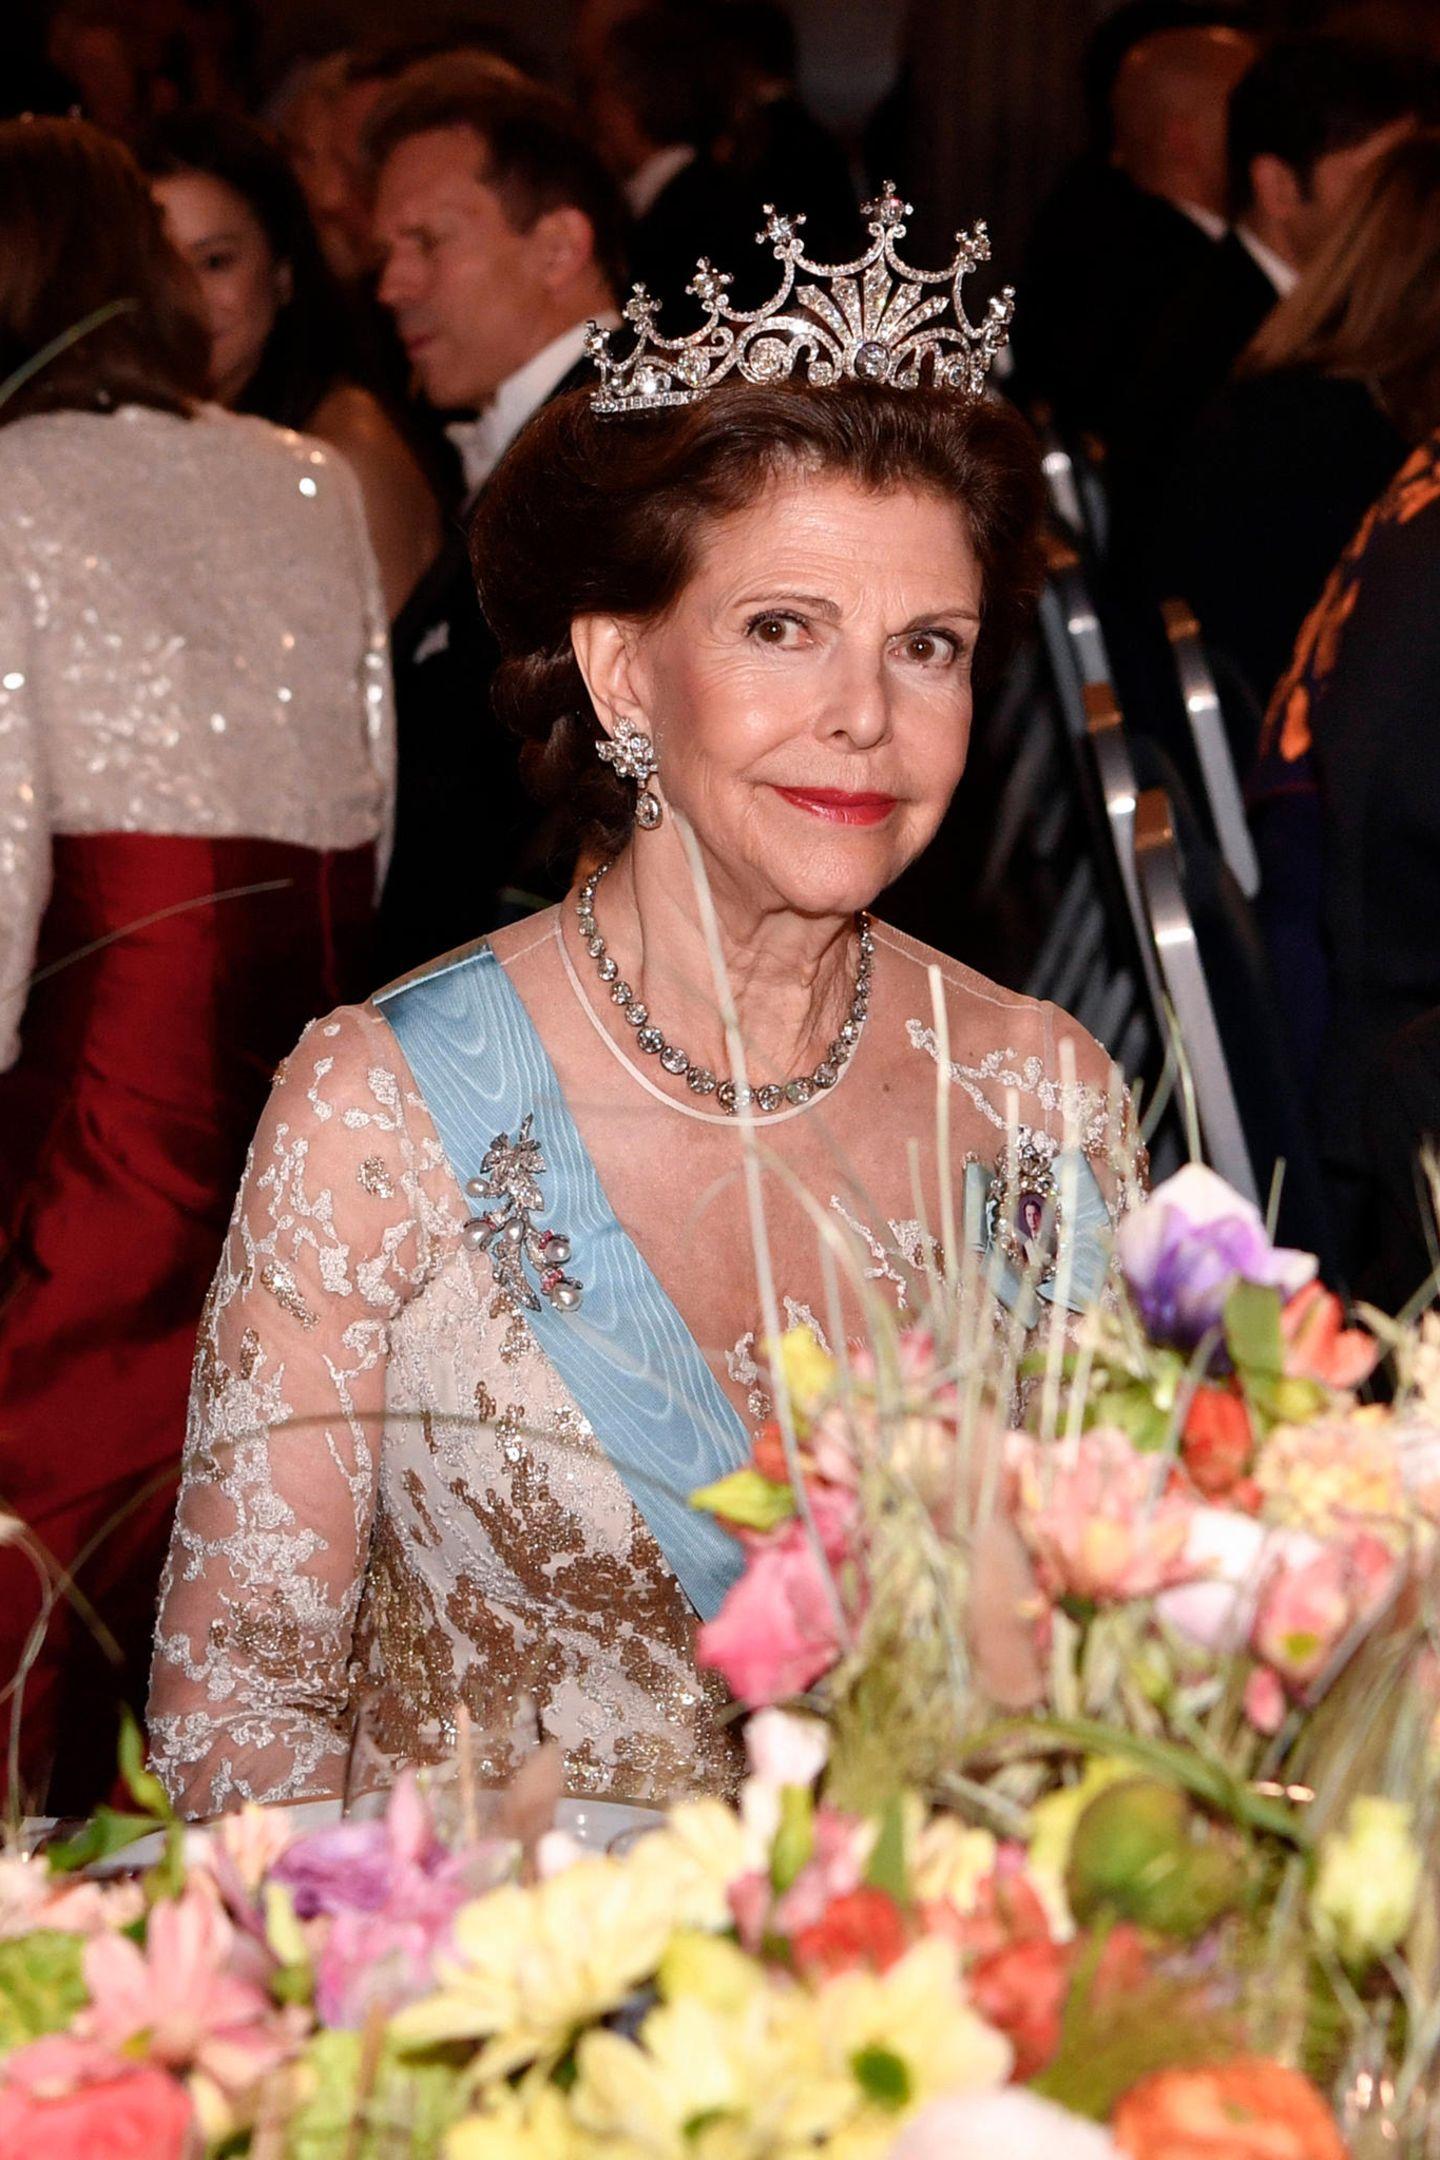 Es ist eines derbeliebtesten Diademe von Königin Silvia von Schweden: DasNine Prong Diadem hat mehr als 500 Diamanten.Königin Josefinas Perlen undRubinen Brosche sowieeine glamouröse Diamantenkette runden ihren Look ab.